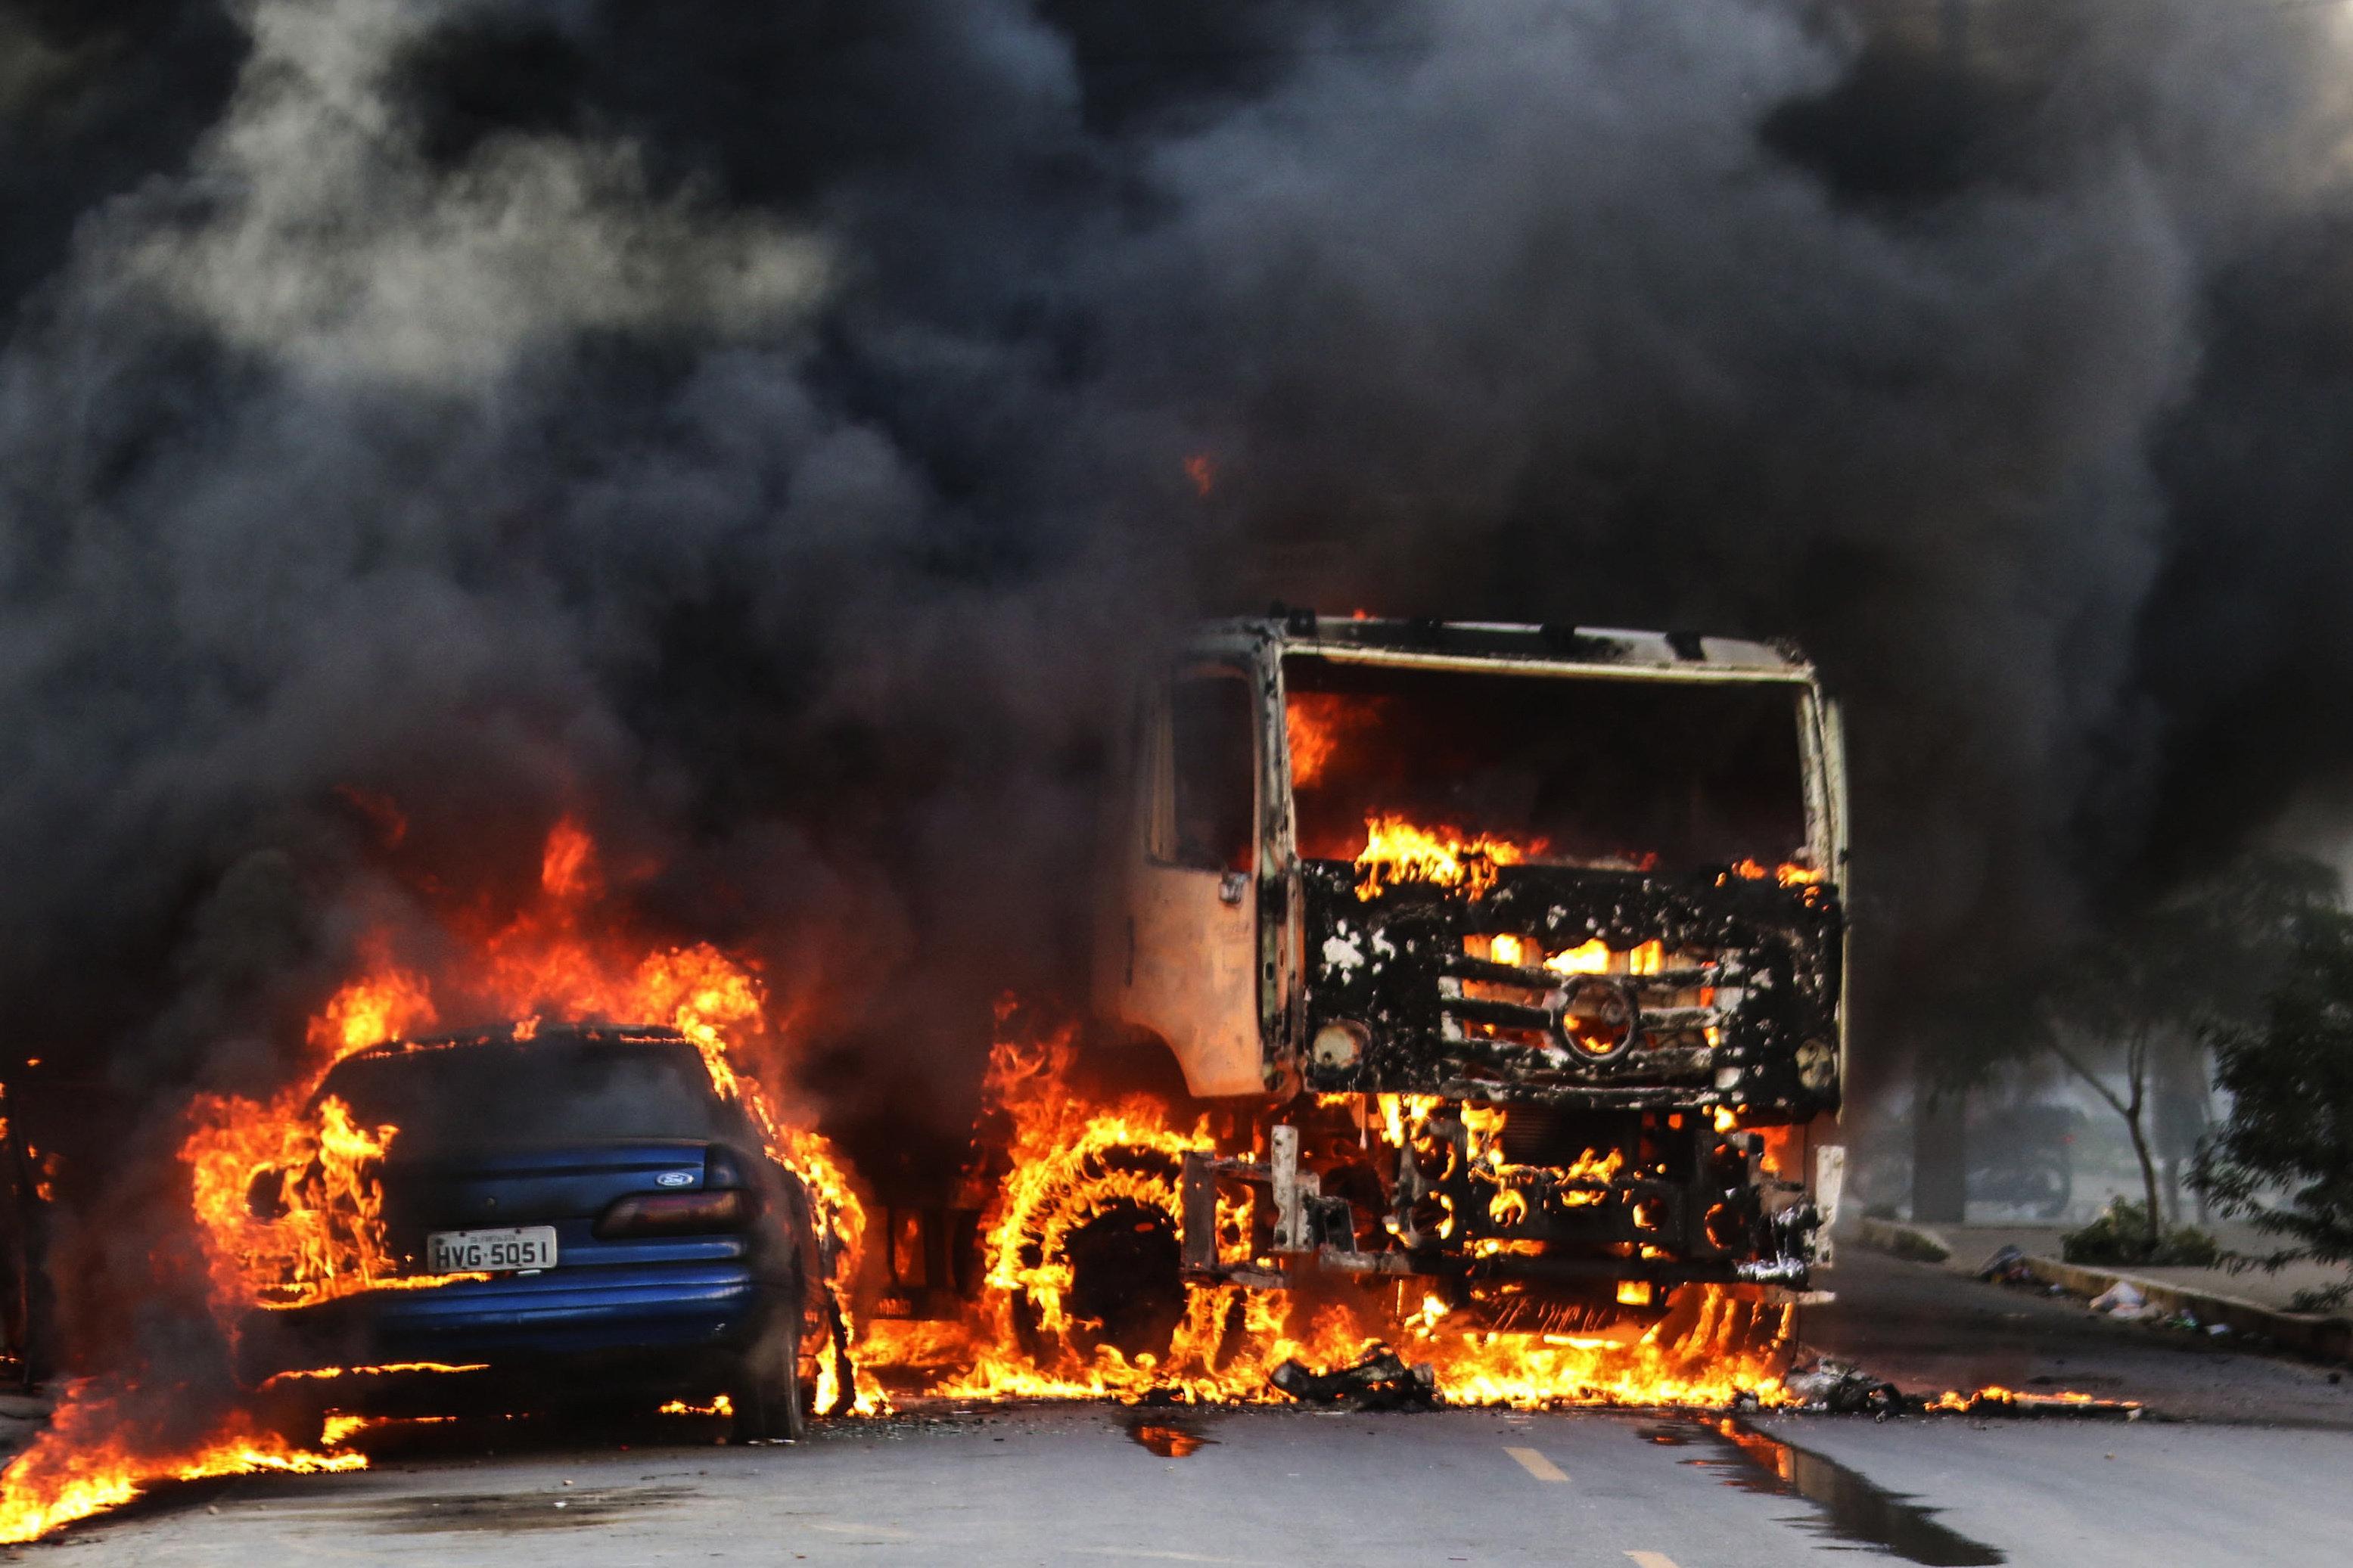 Governador do Ceará é responsável por onda de violência, diz